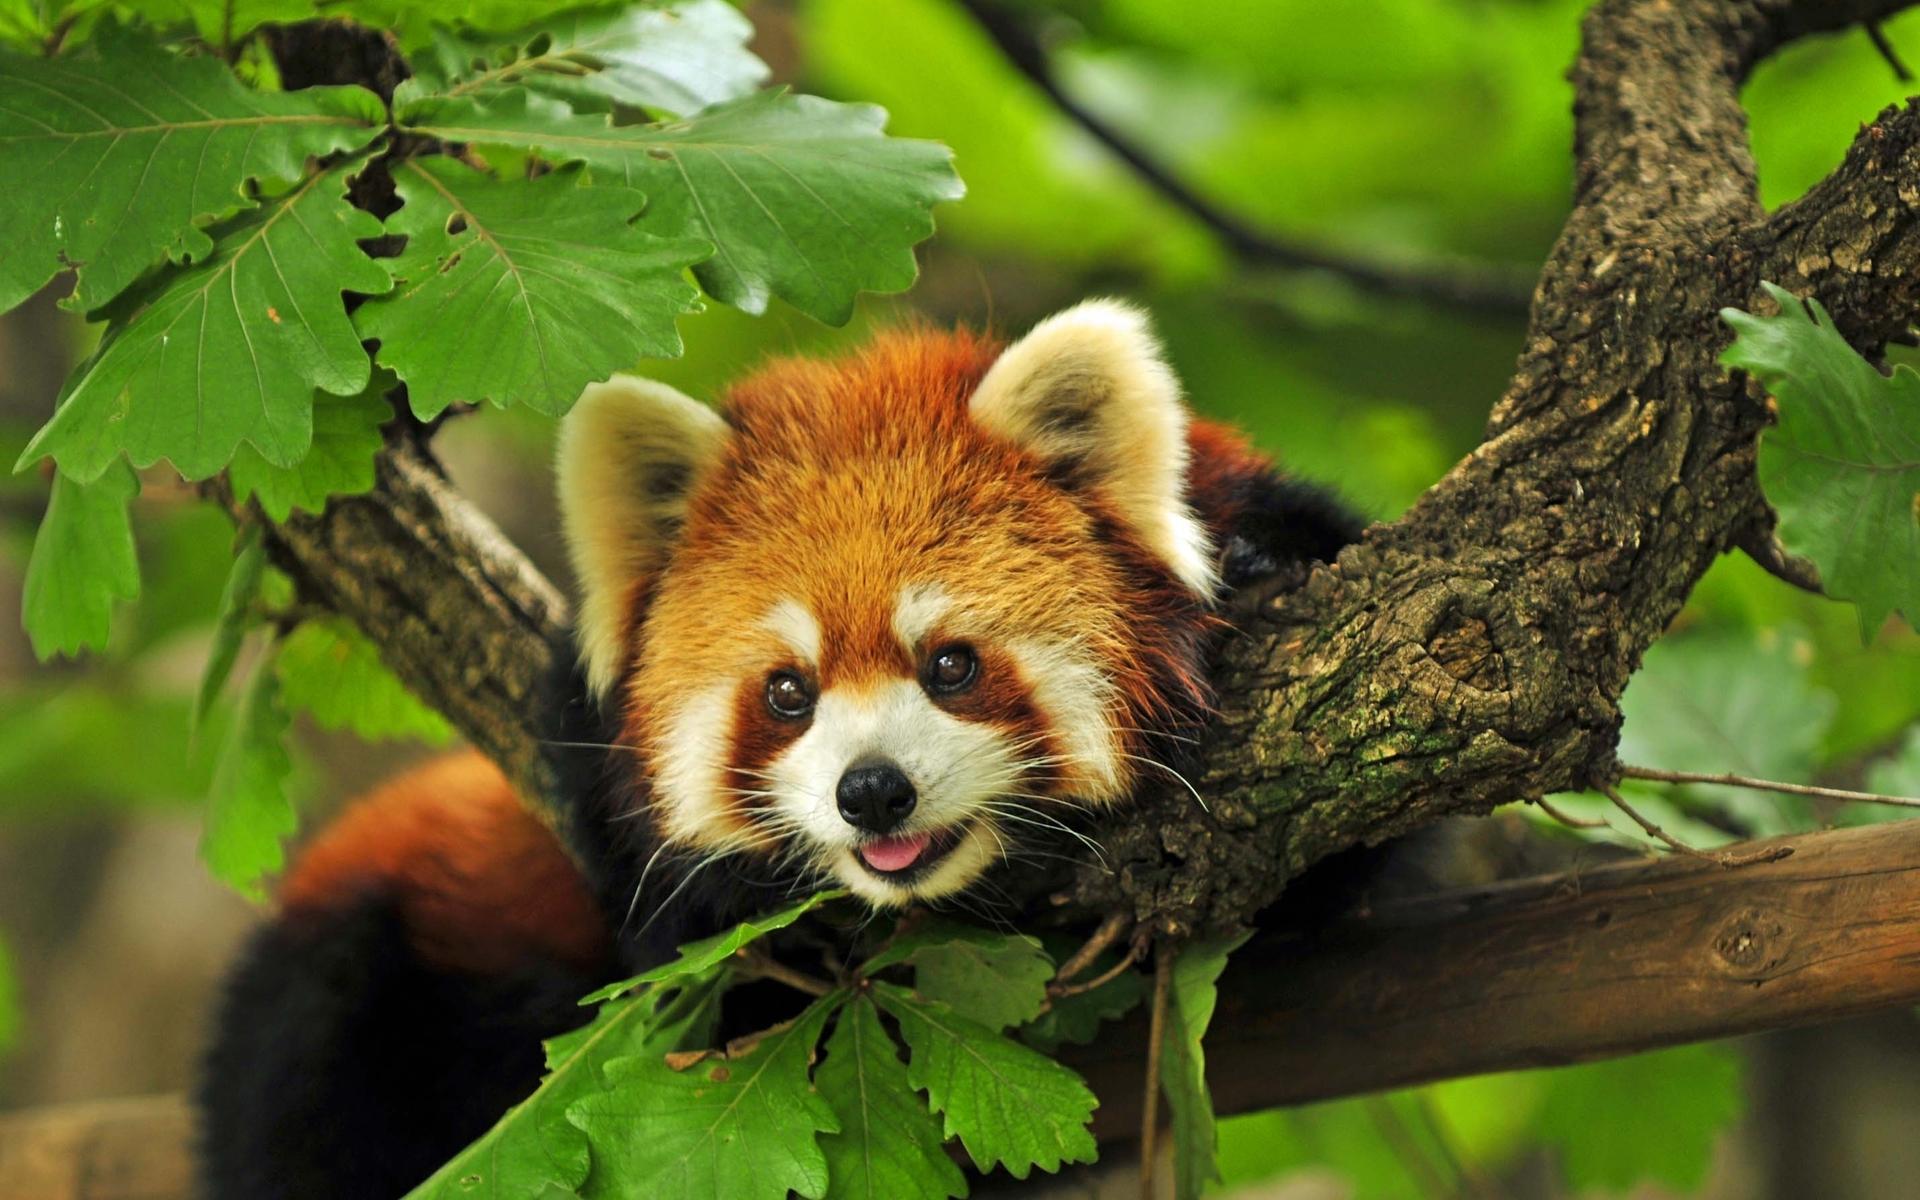 ... Sleeping Red Panda Wallpaper 9